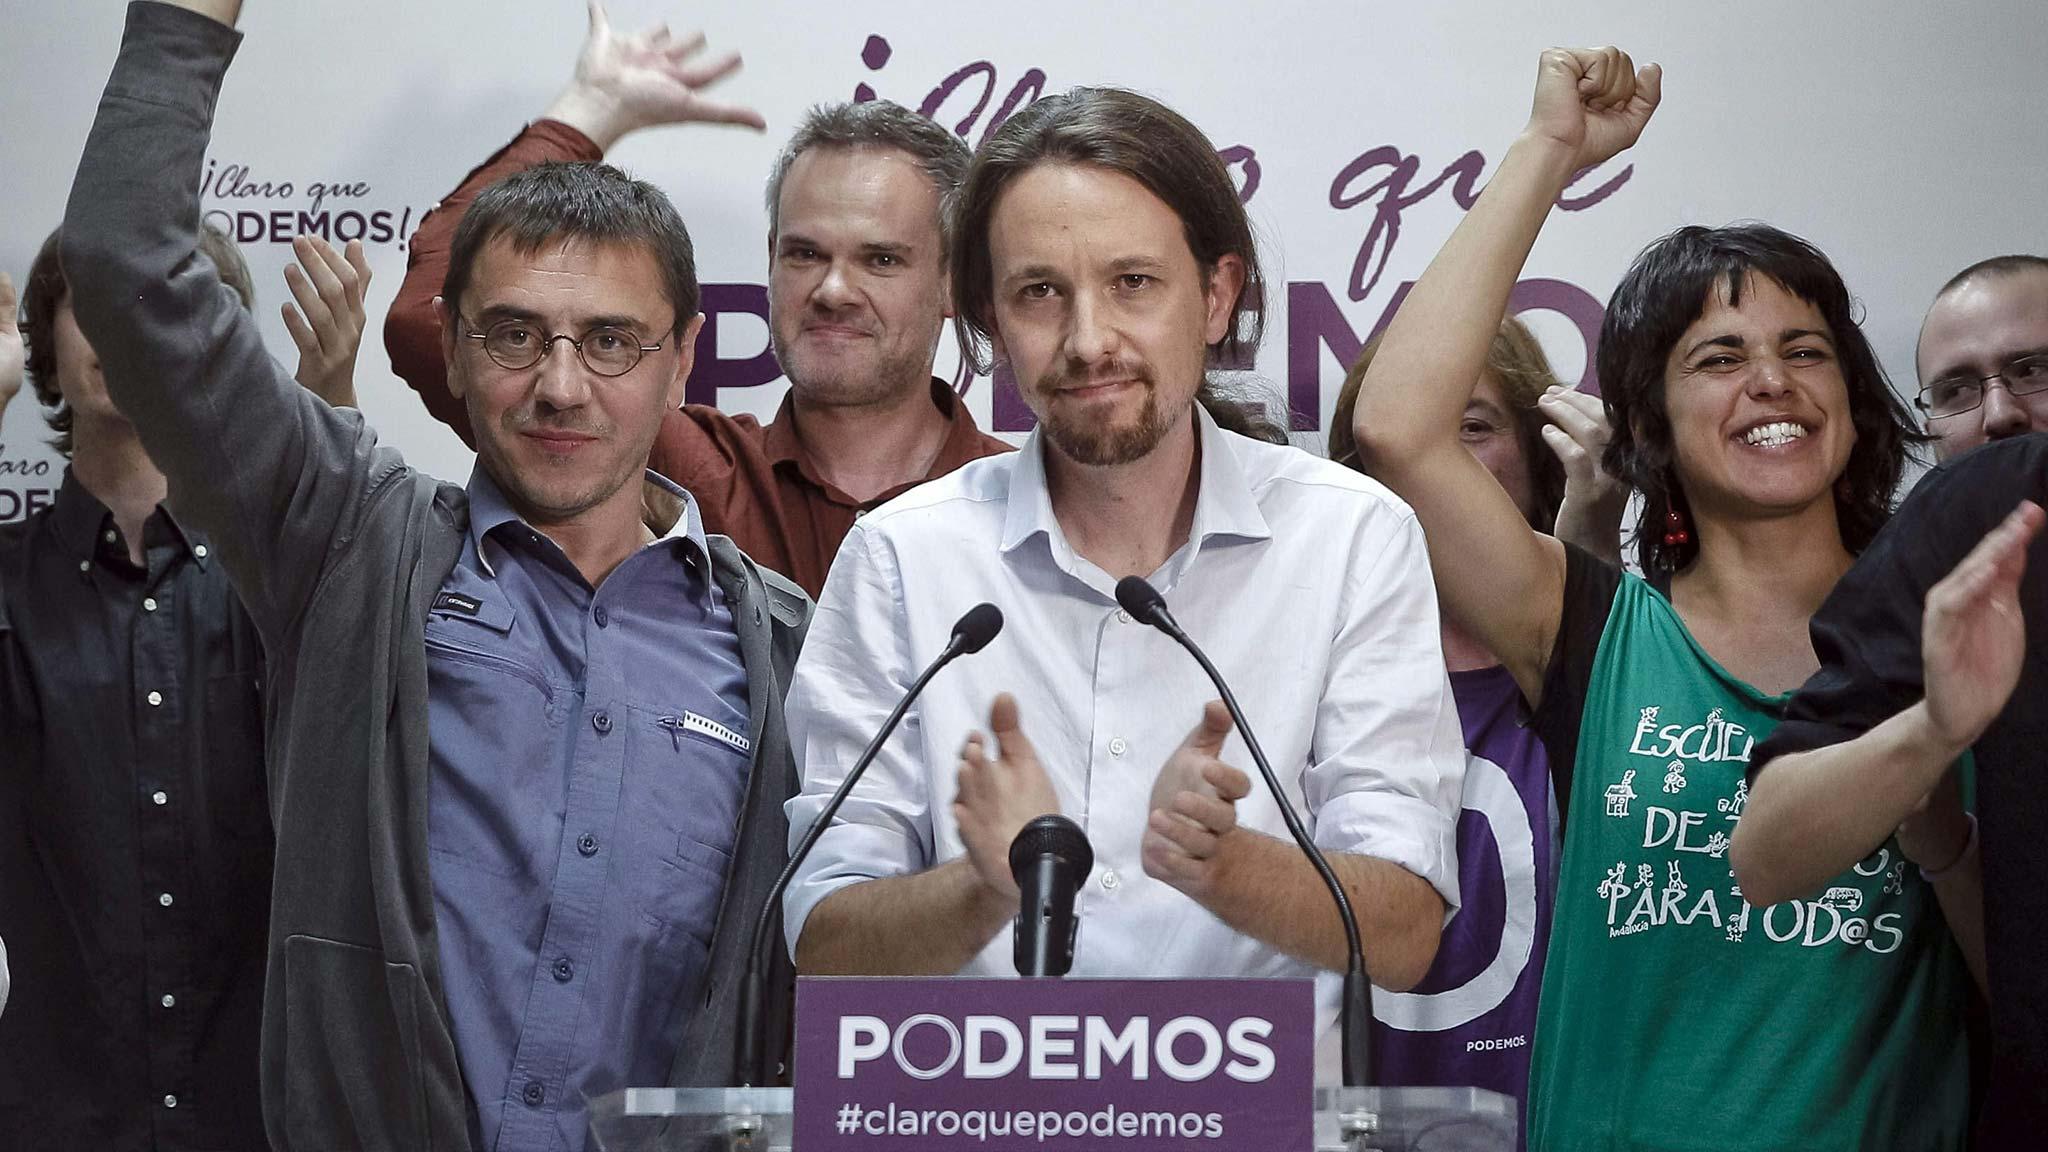 """Pablo Iglesias, leader del movimento popolare spagnolo """"Podemos"""", dato oggi al 16% (http://blogs.ft.com)"""